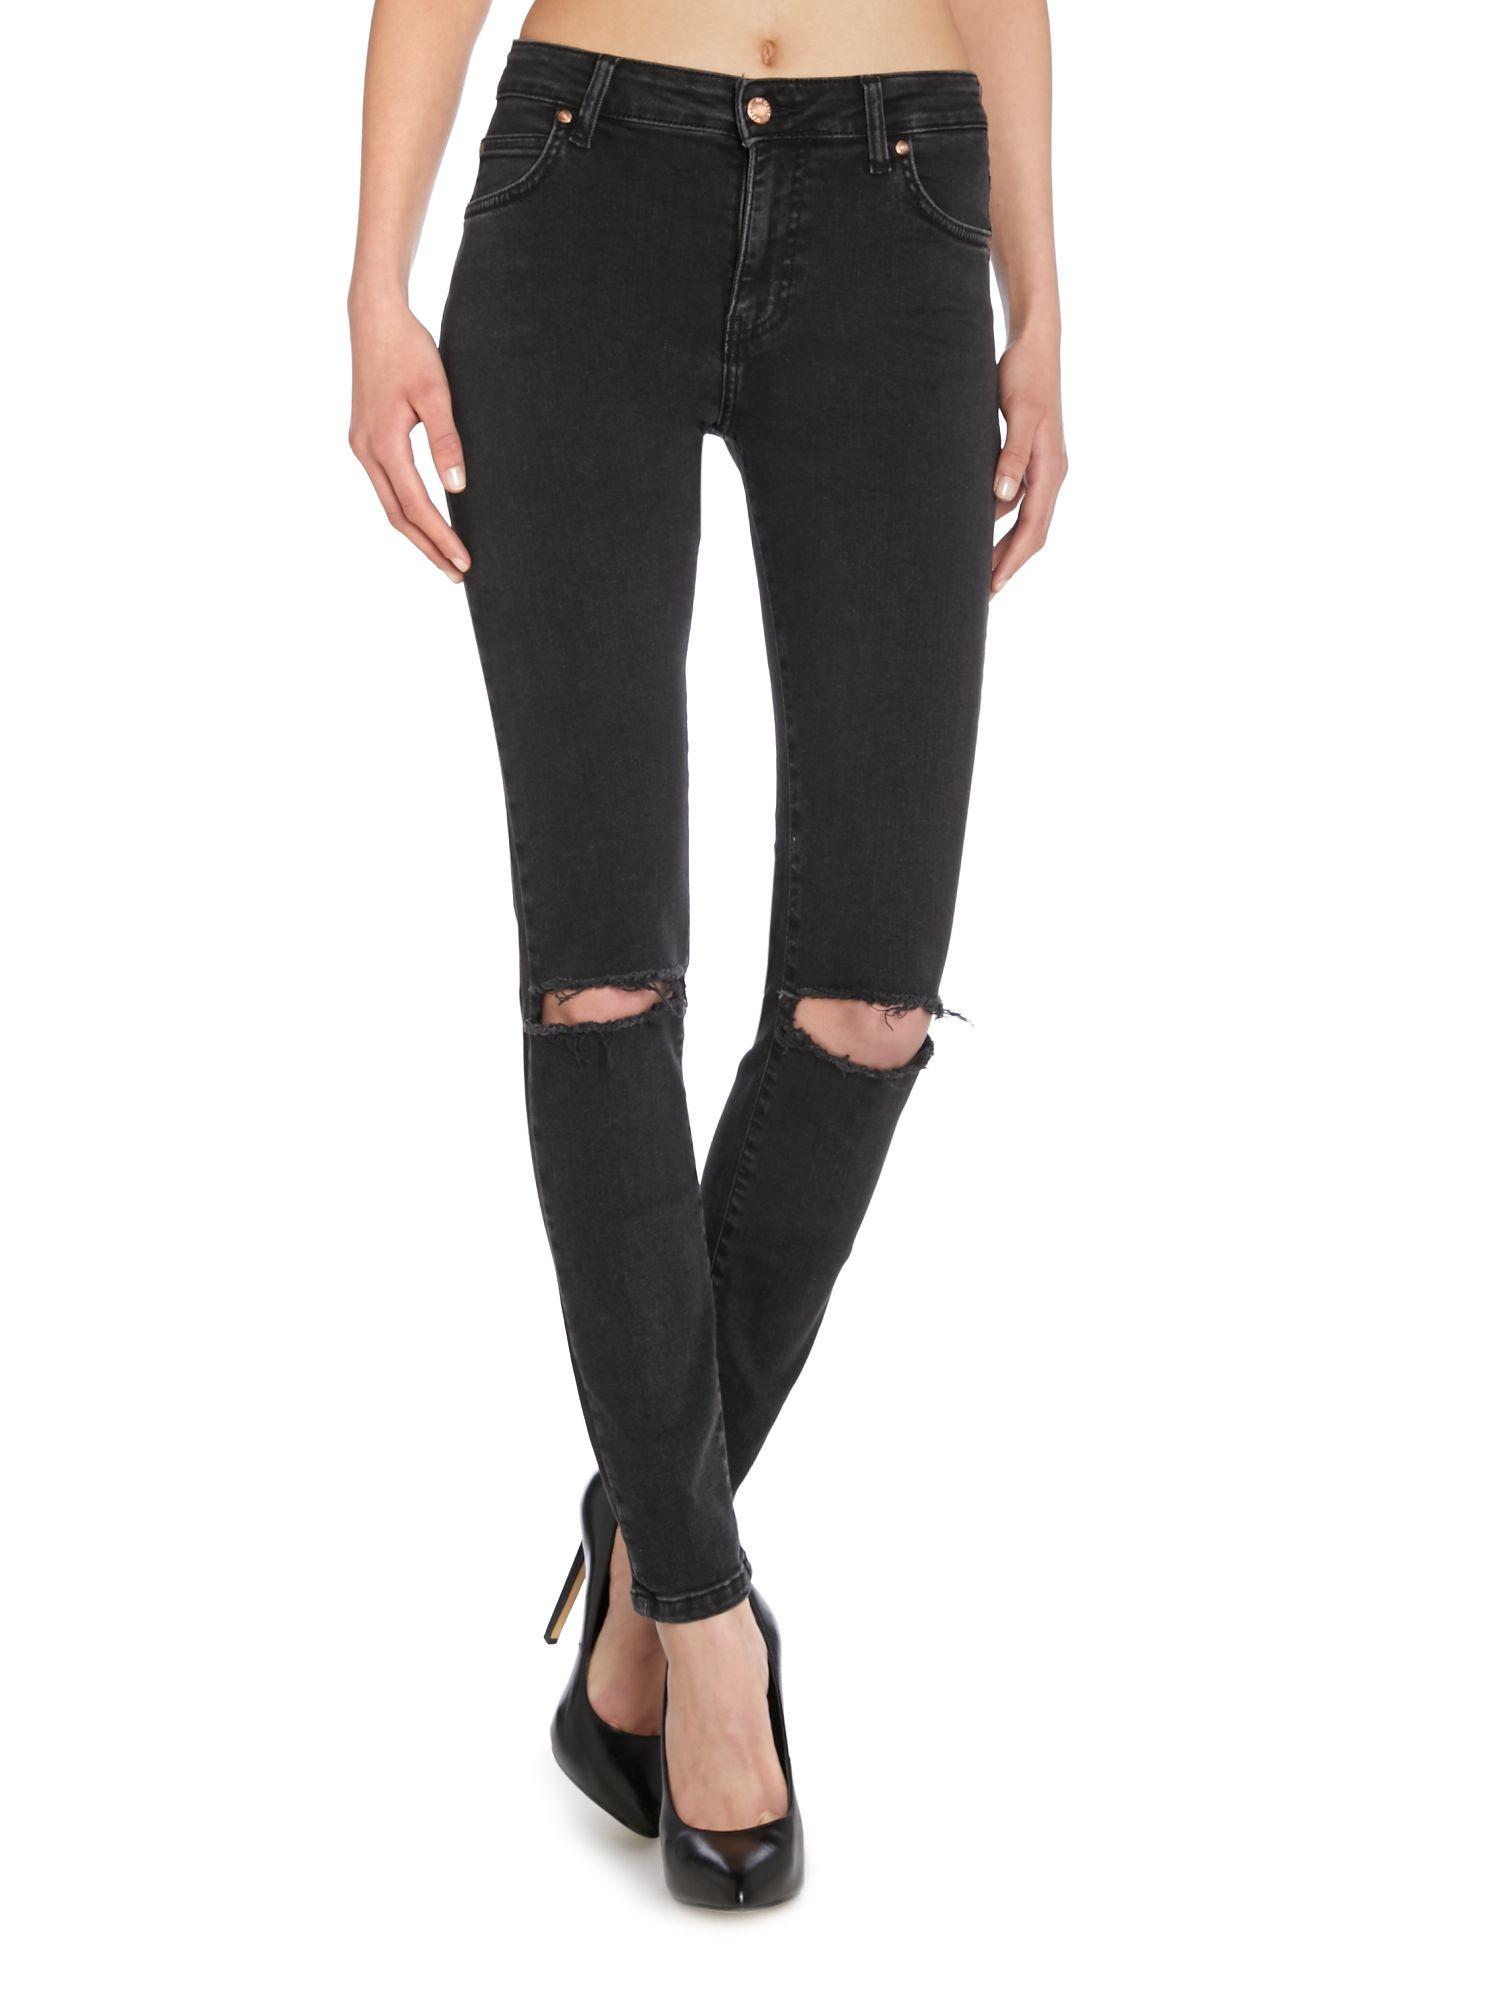 Dr denim regina 5 pocket skinny jeans